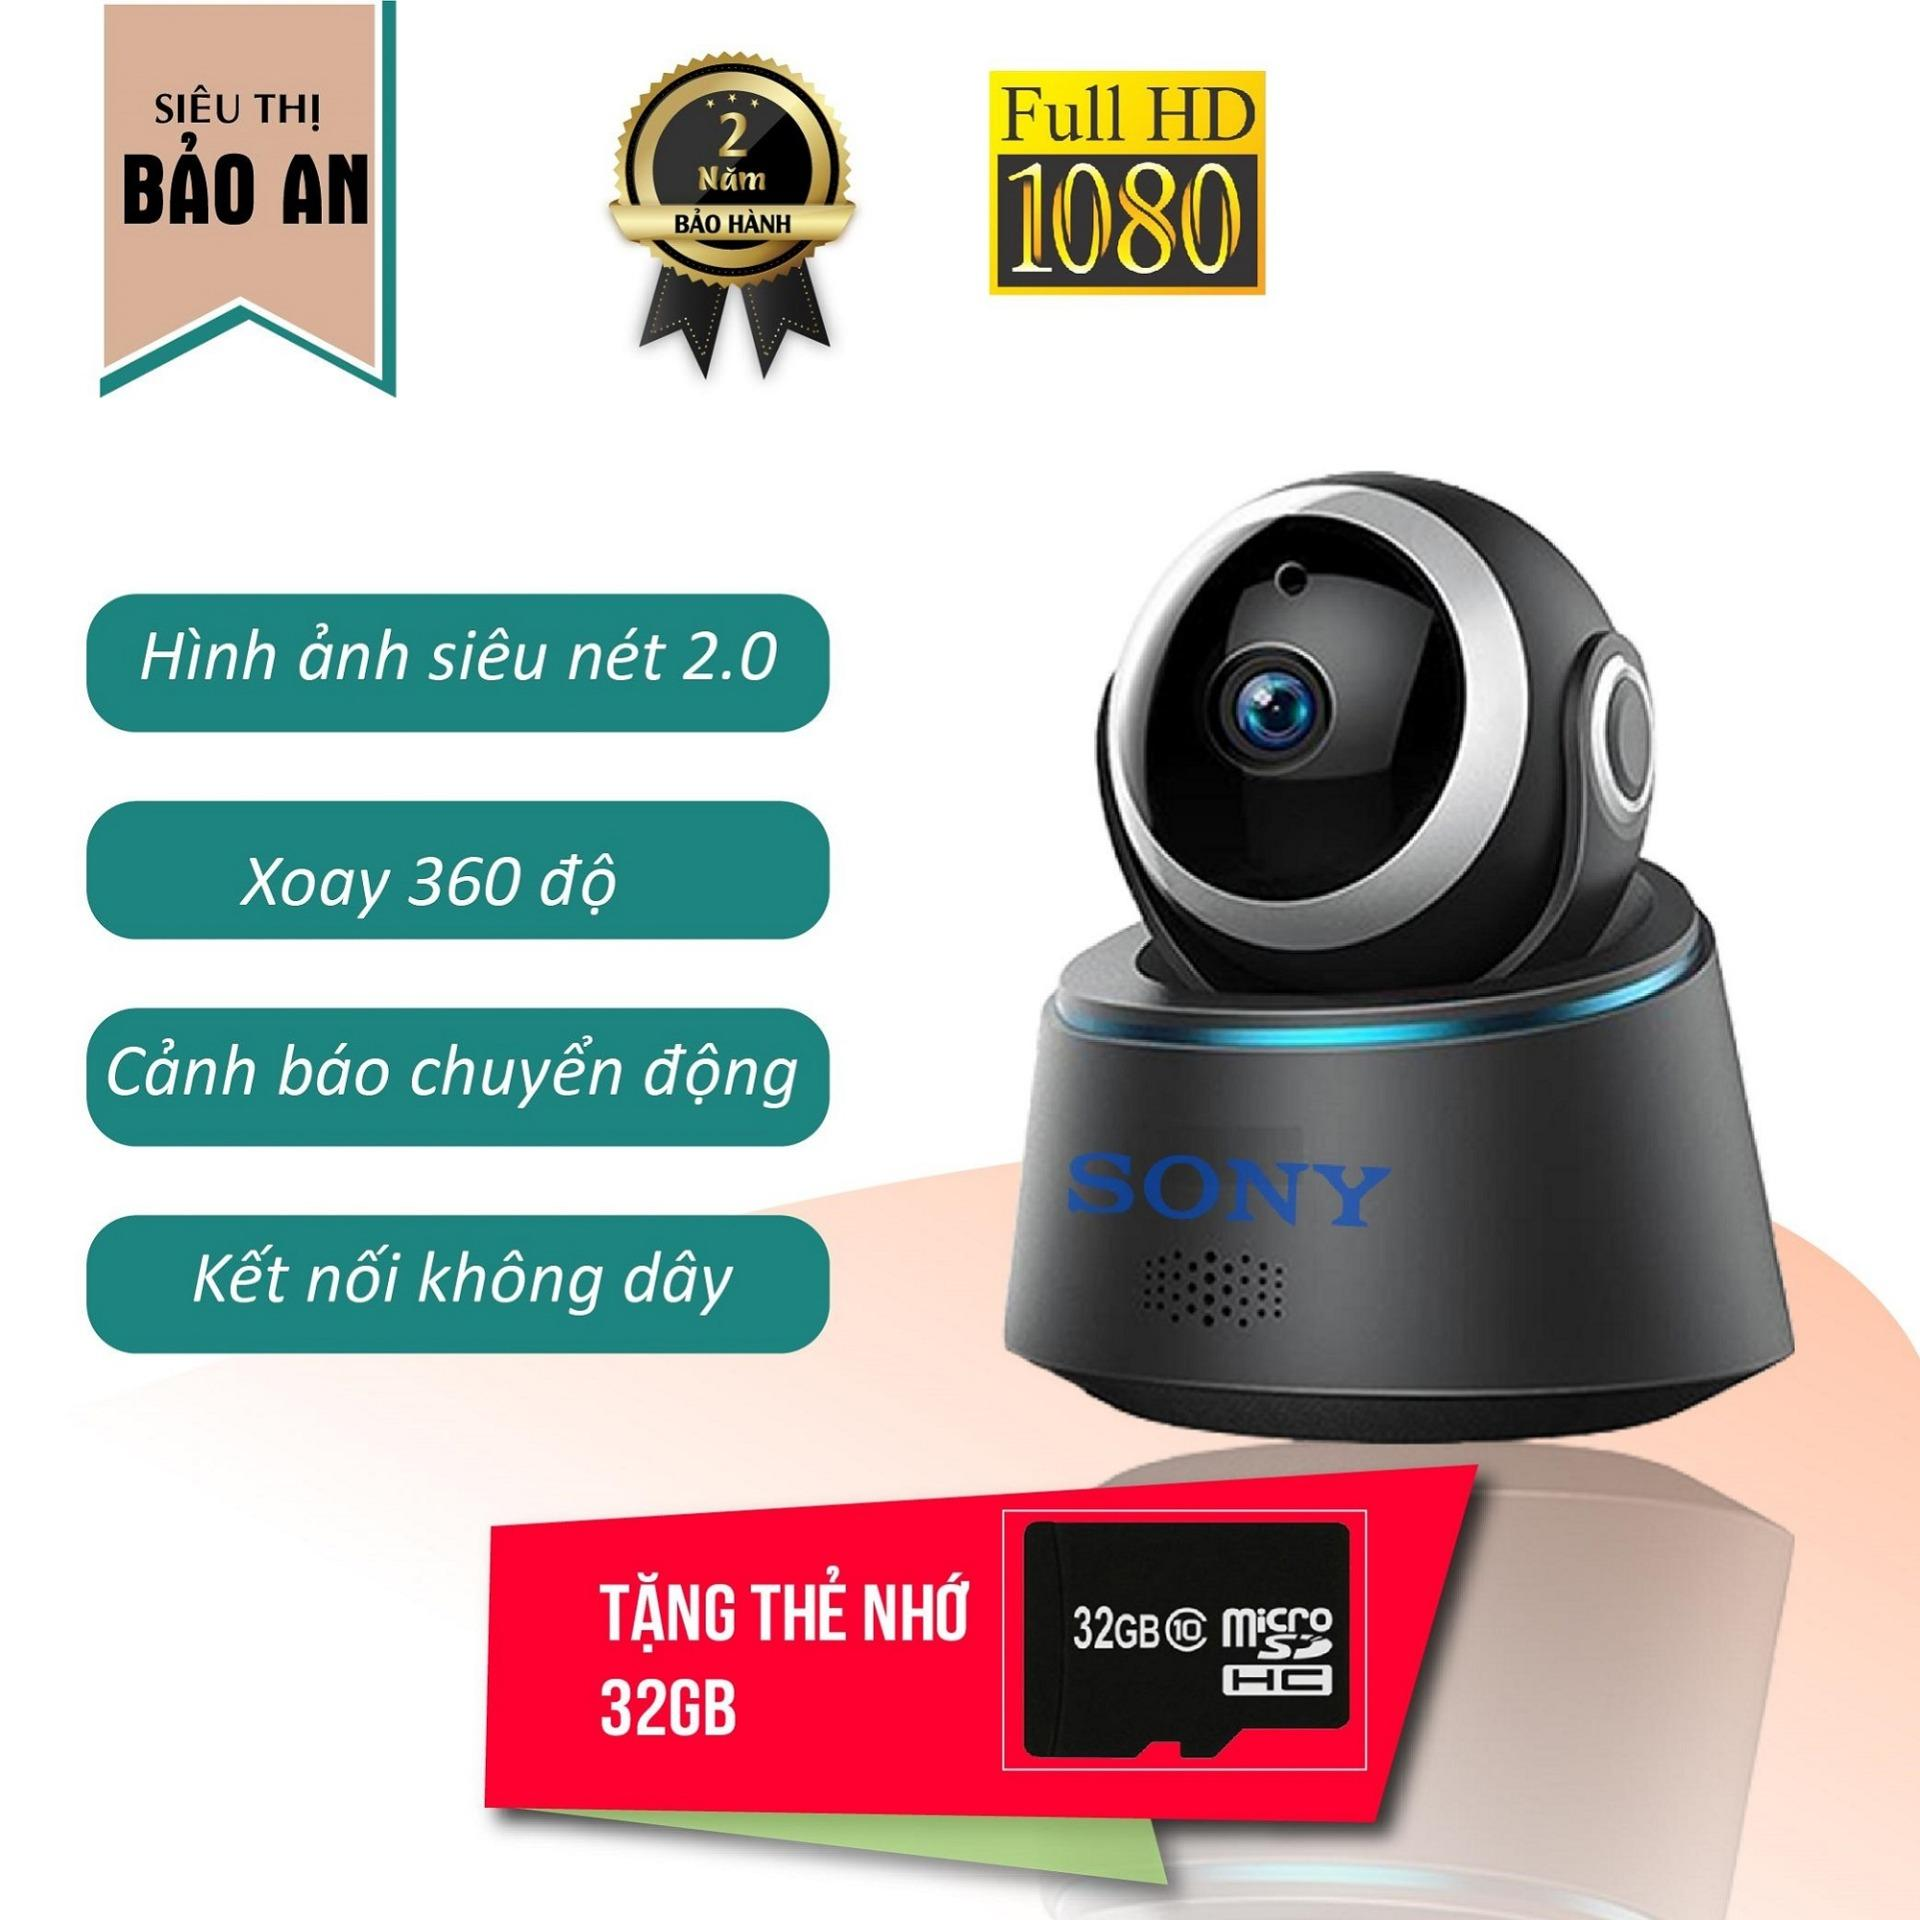 Voucher Giảm Giá [Có Video] Camera Wifi Sony Full HD 1080 - 2.0 MP Hình ảnh Sắc Nét Ngày đêm, Xoay 360 Linh Hoạt, Cảnh Báo Chống Trộm, đàm Thoại Ghi âm Hai Chiều + Thẻ Nhớ Micro 32 GB Mini - Bảo Hành 5 Năm